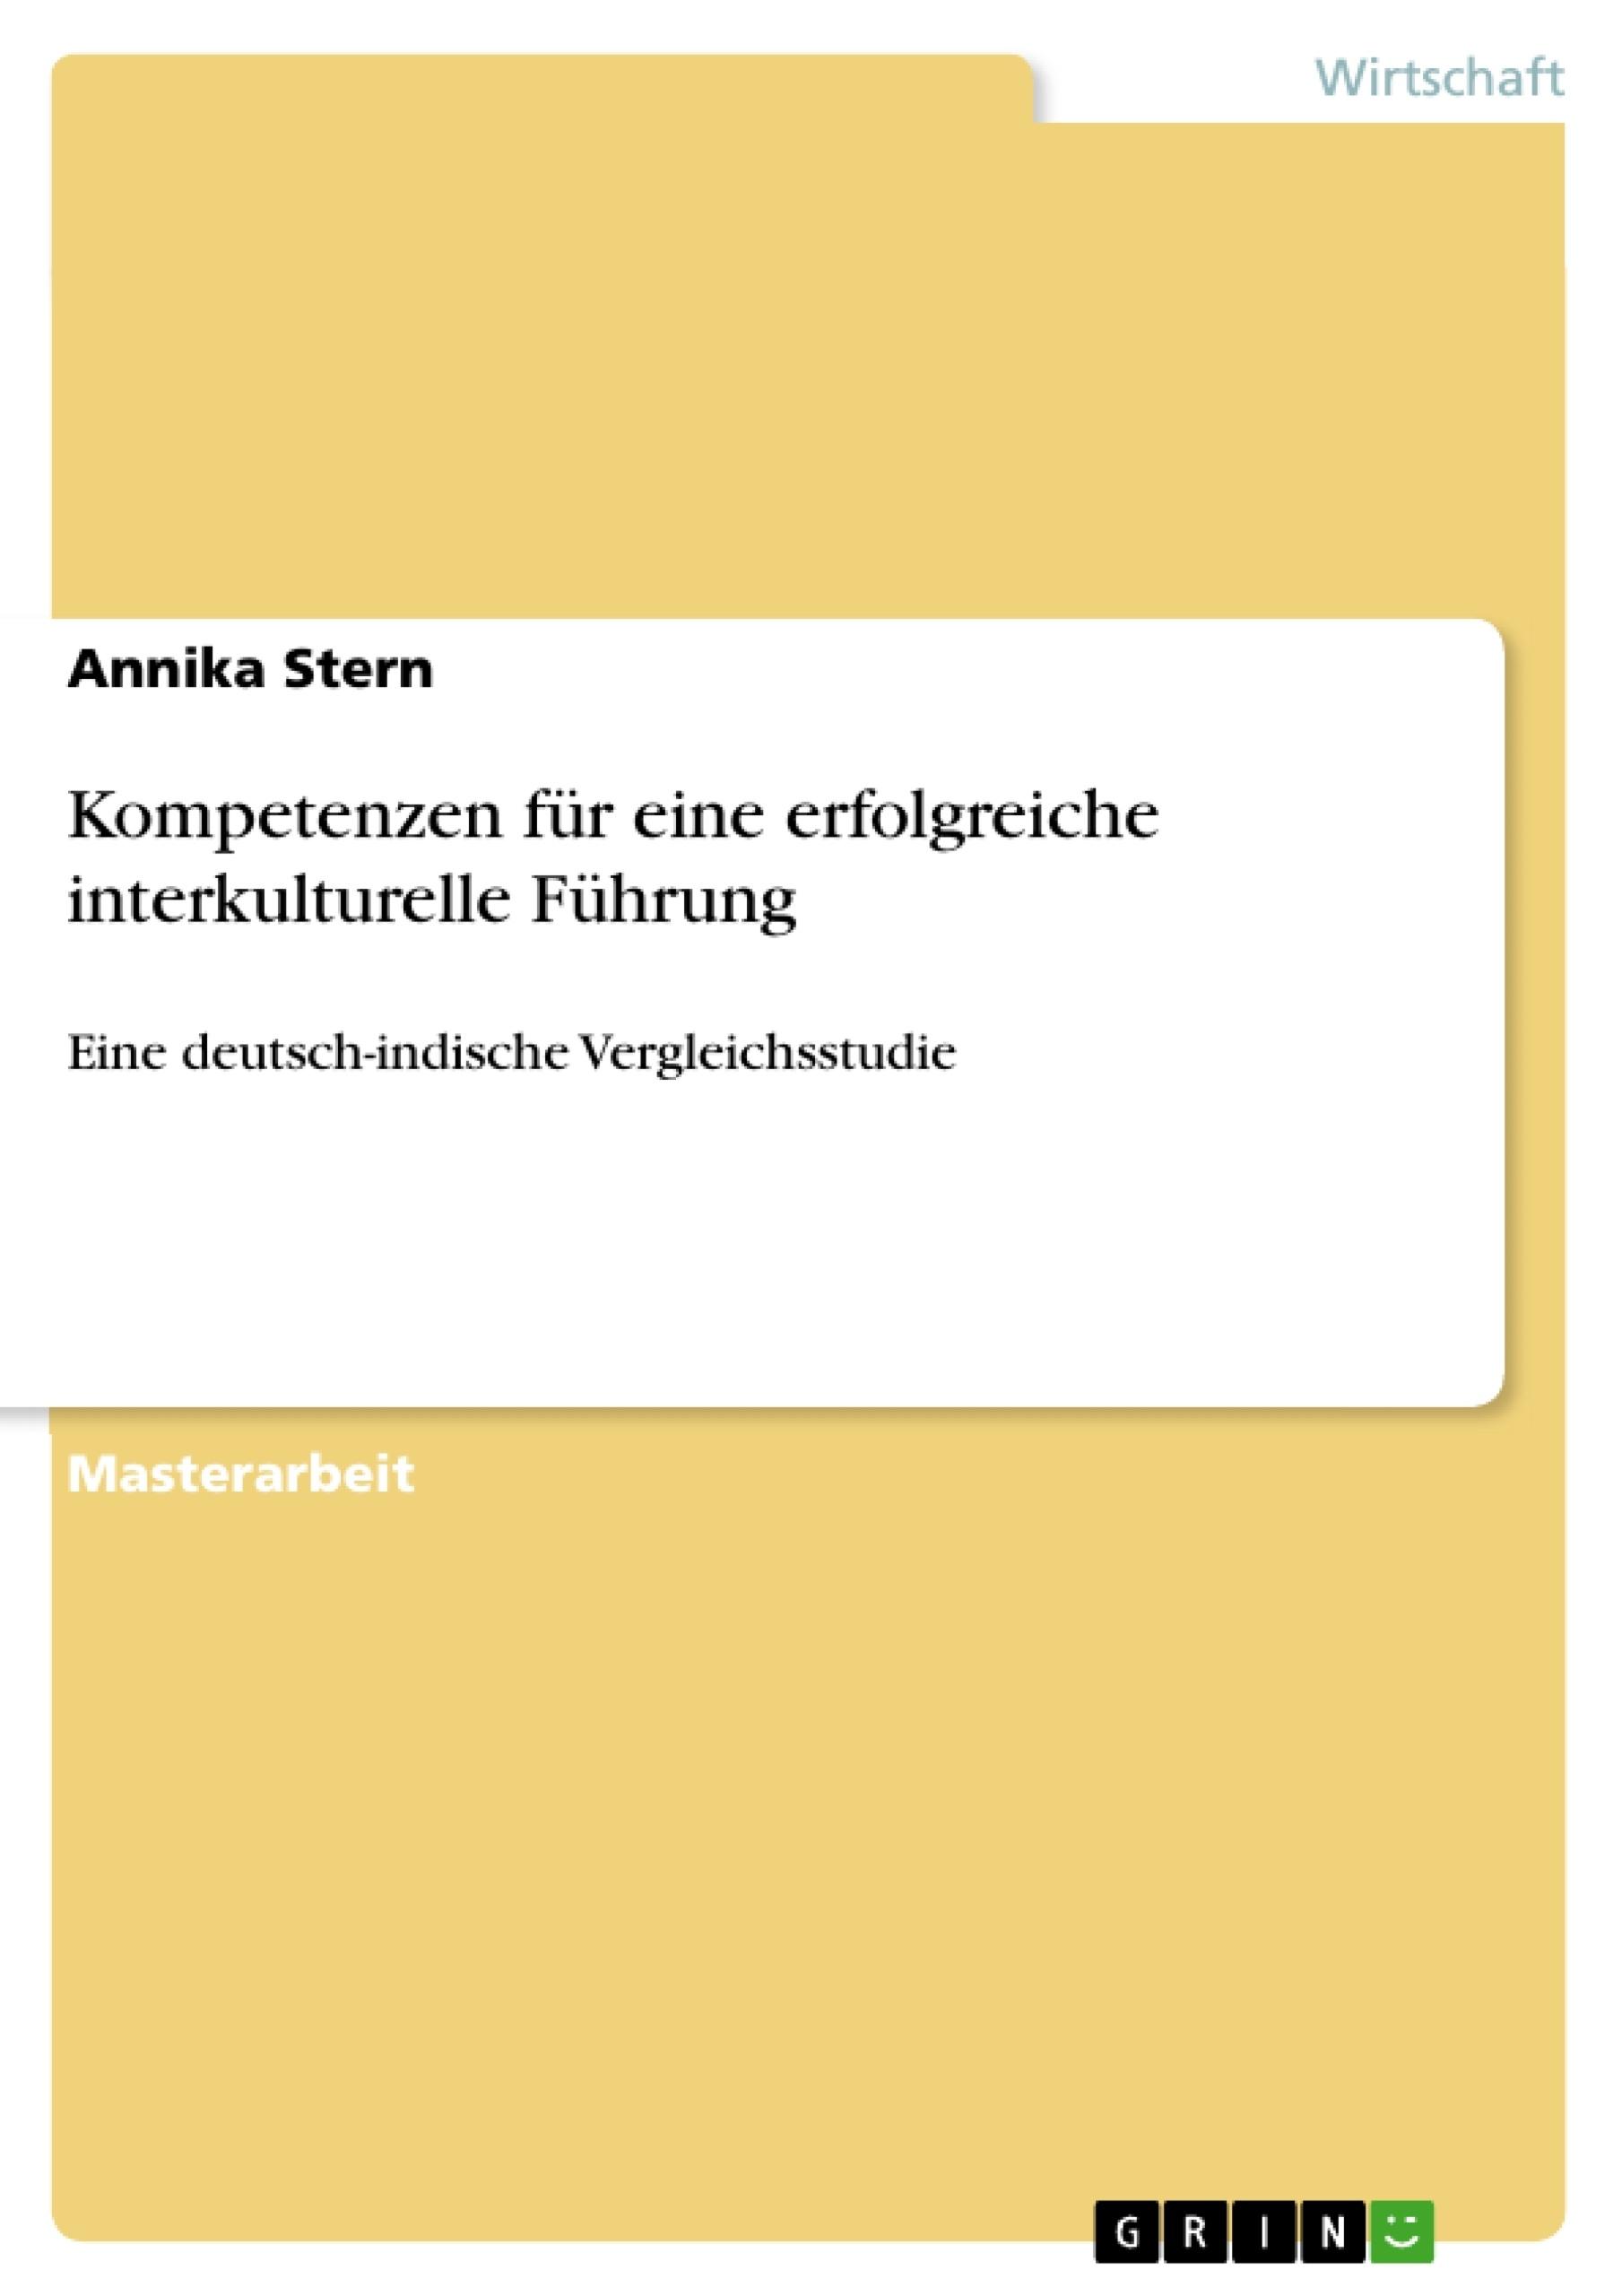 Titel: Kompetenzen für eine erfolgreiche interkulturelle Führung